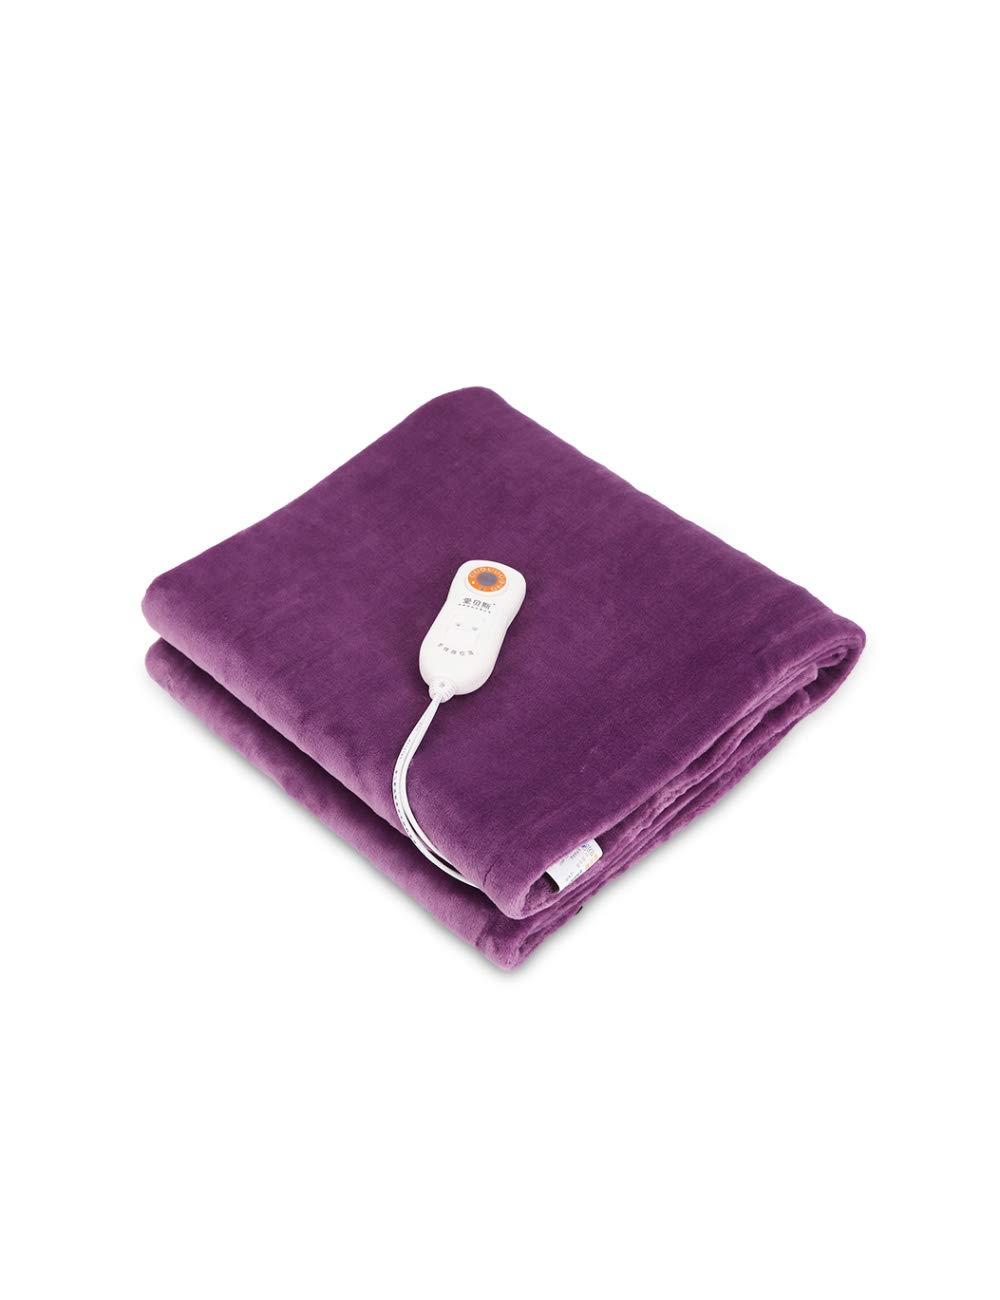 小さな多機能ウォームアップ電気毛布、シングルショールブランケット、軽い、9スピードの温度調整、安全で洗濯機で洗える、操作しやすい、マルチカラー、150 * 80センチメートル (色 : Purple, サイズ さいず : 150 * 80cm) B07JW8YD6Y Purple 150*80cm